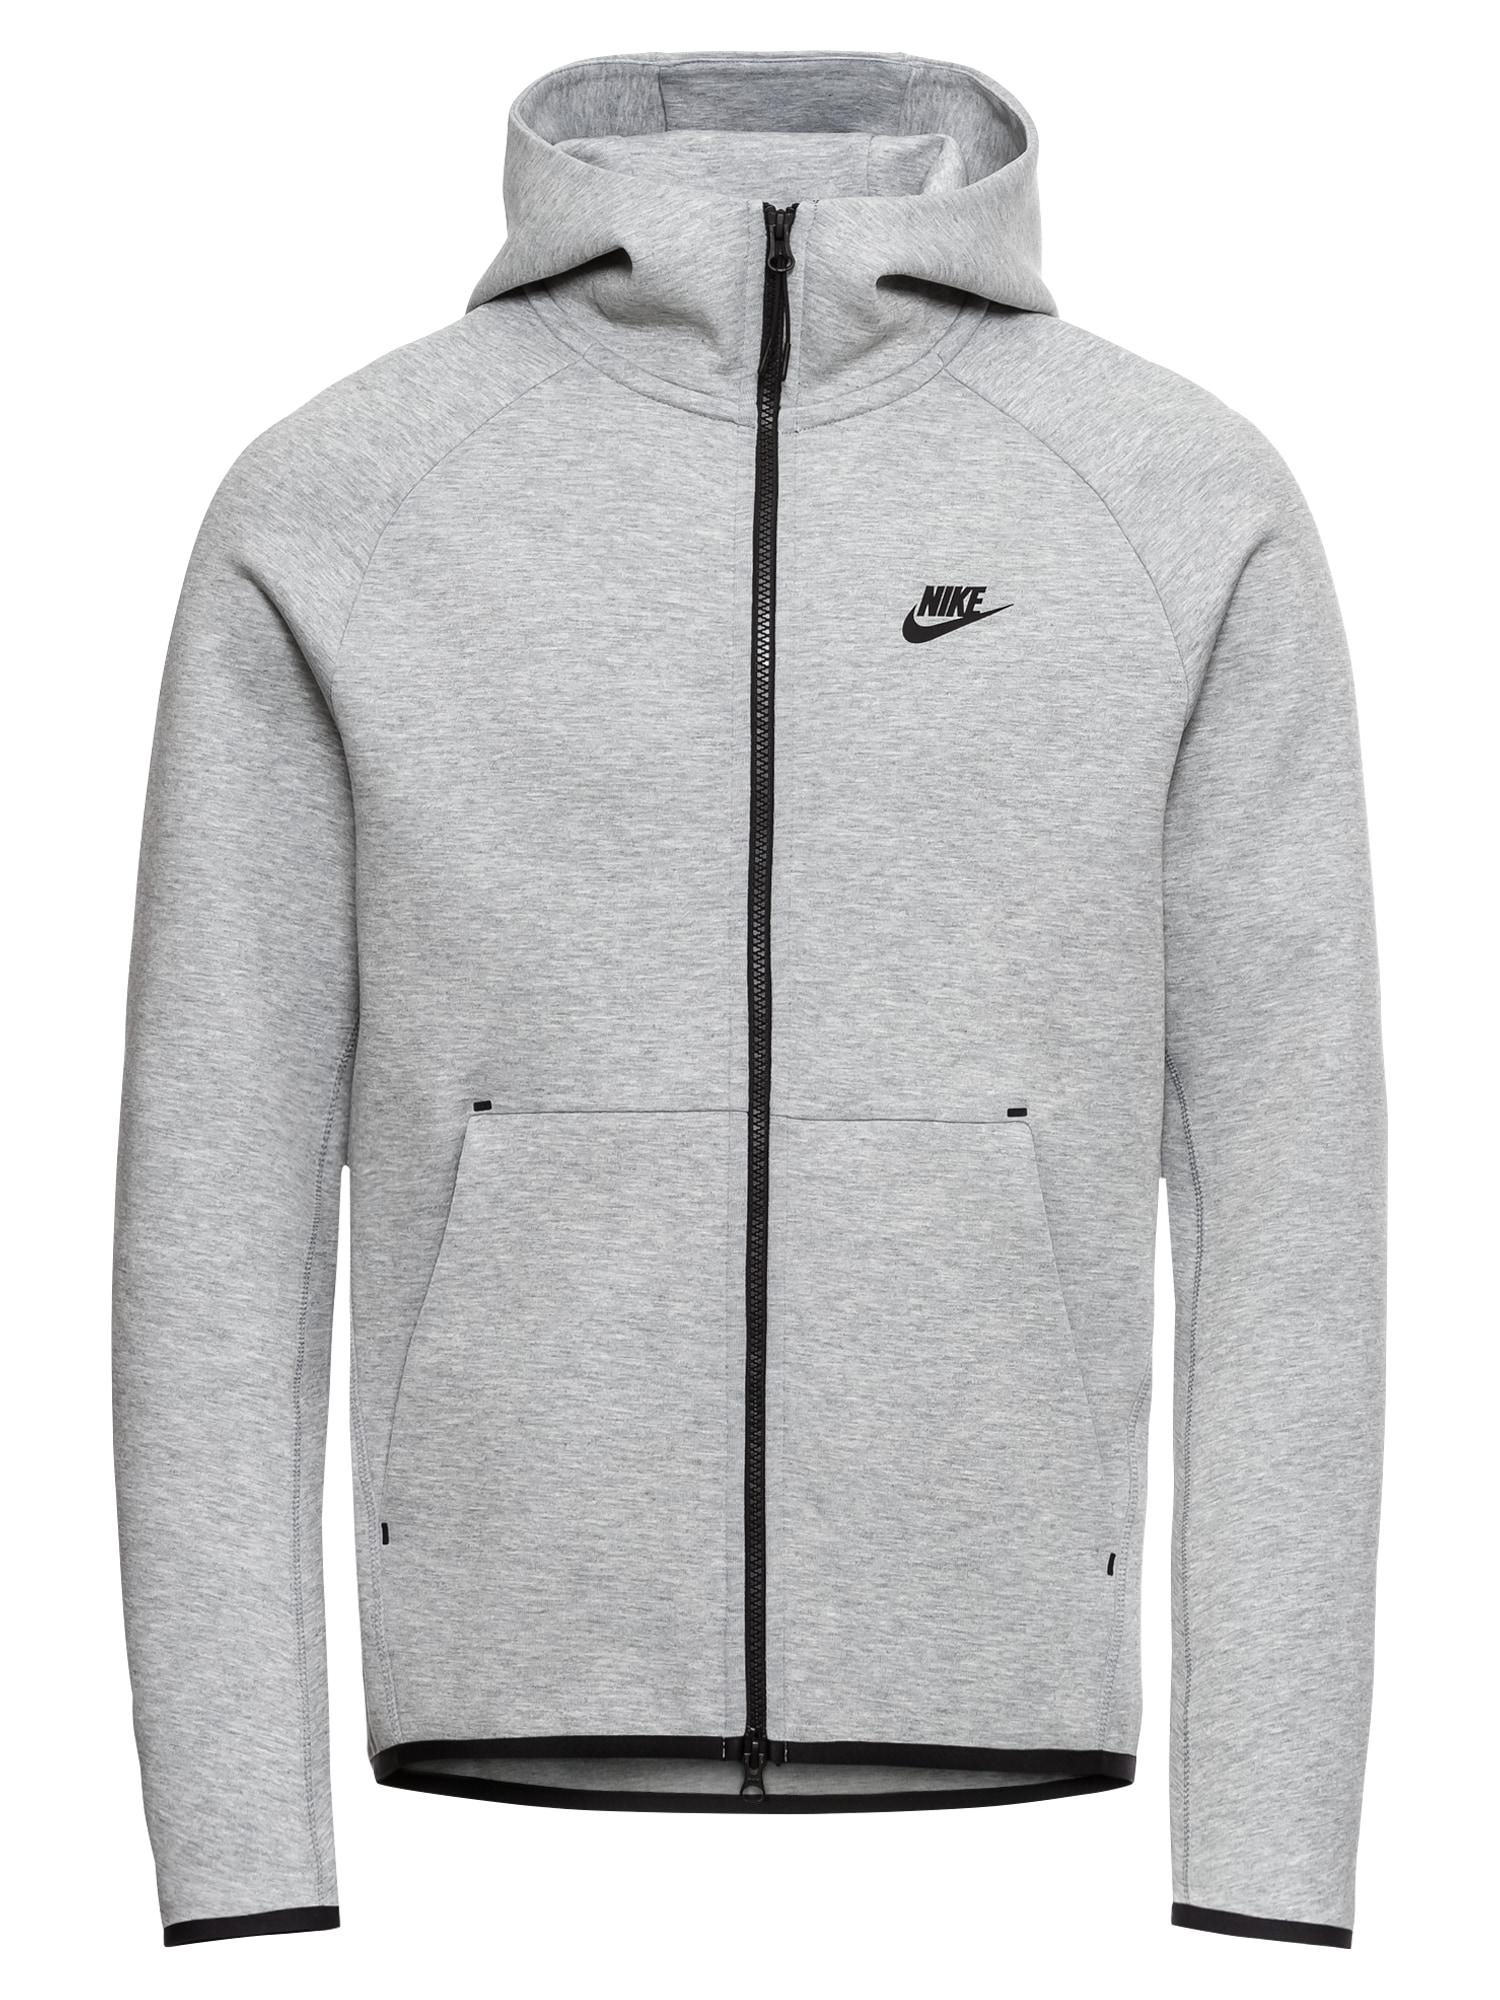 Mikina s kapucí M NSW TCH FLC HOODIE FZ tmavě šedá Nike Sportswear